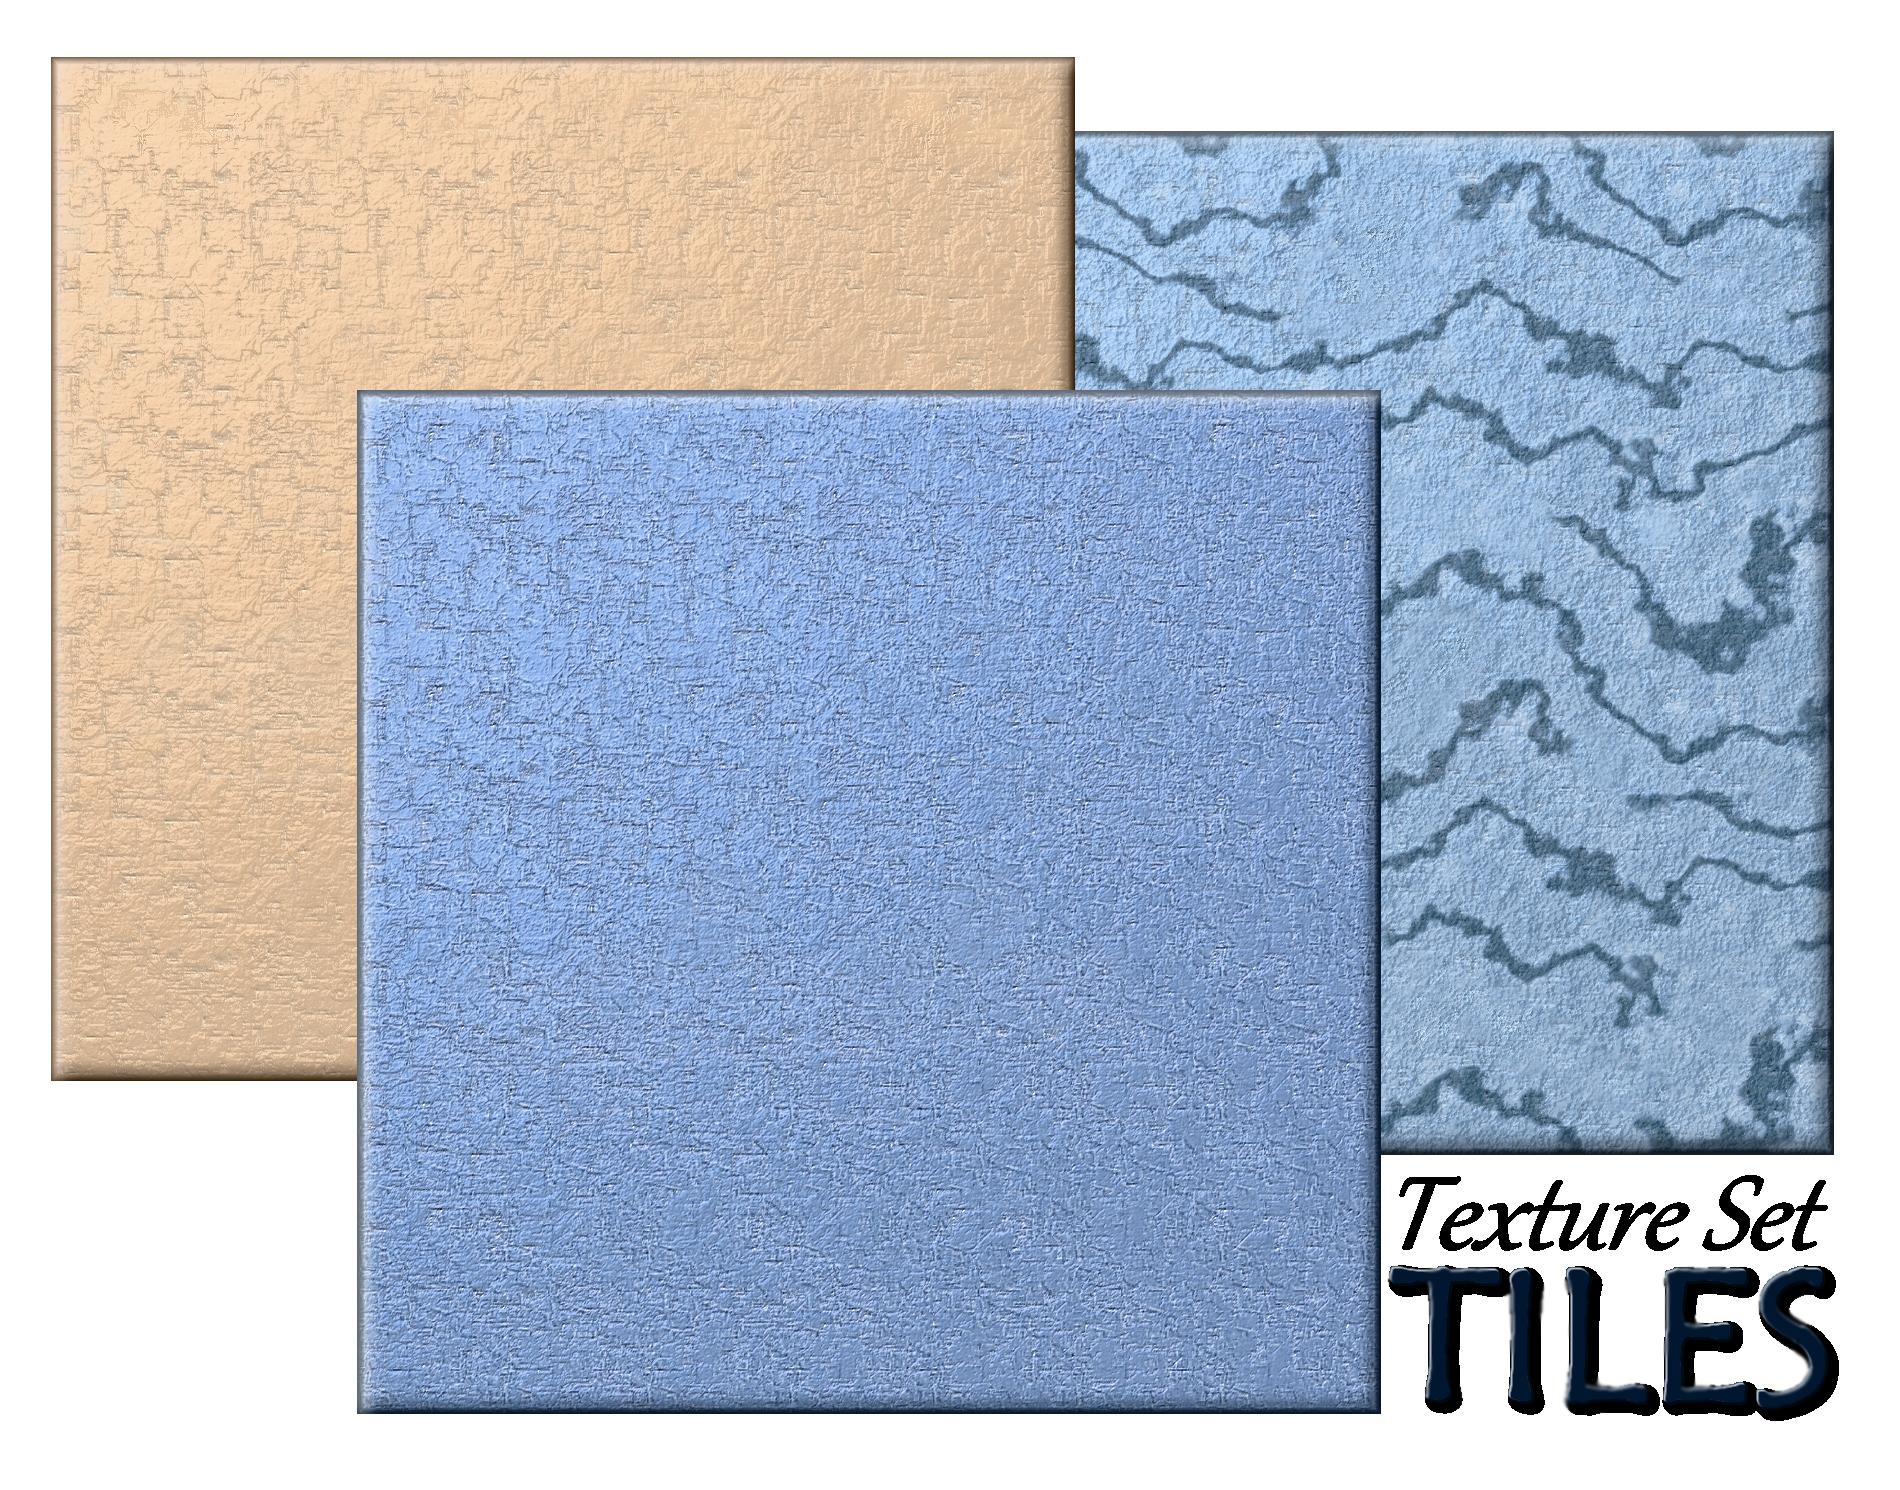 Texture Set-Tiles by allison731